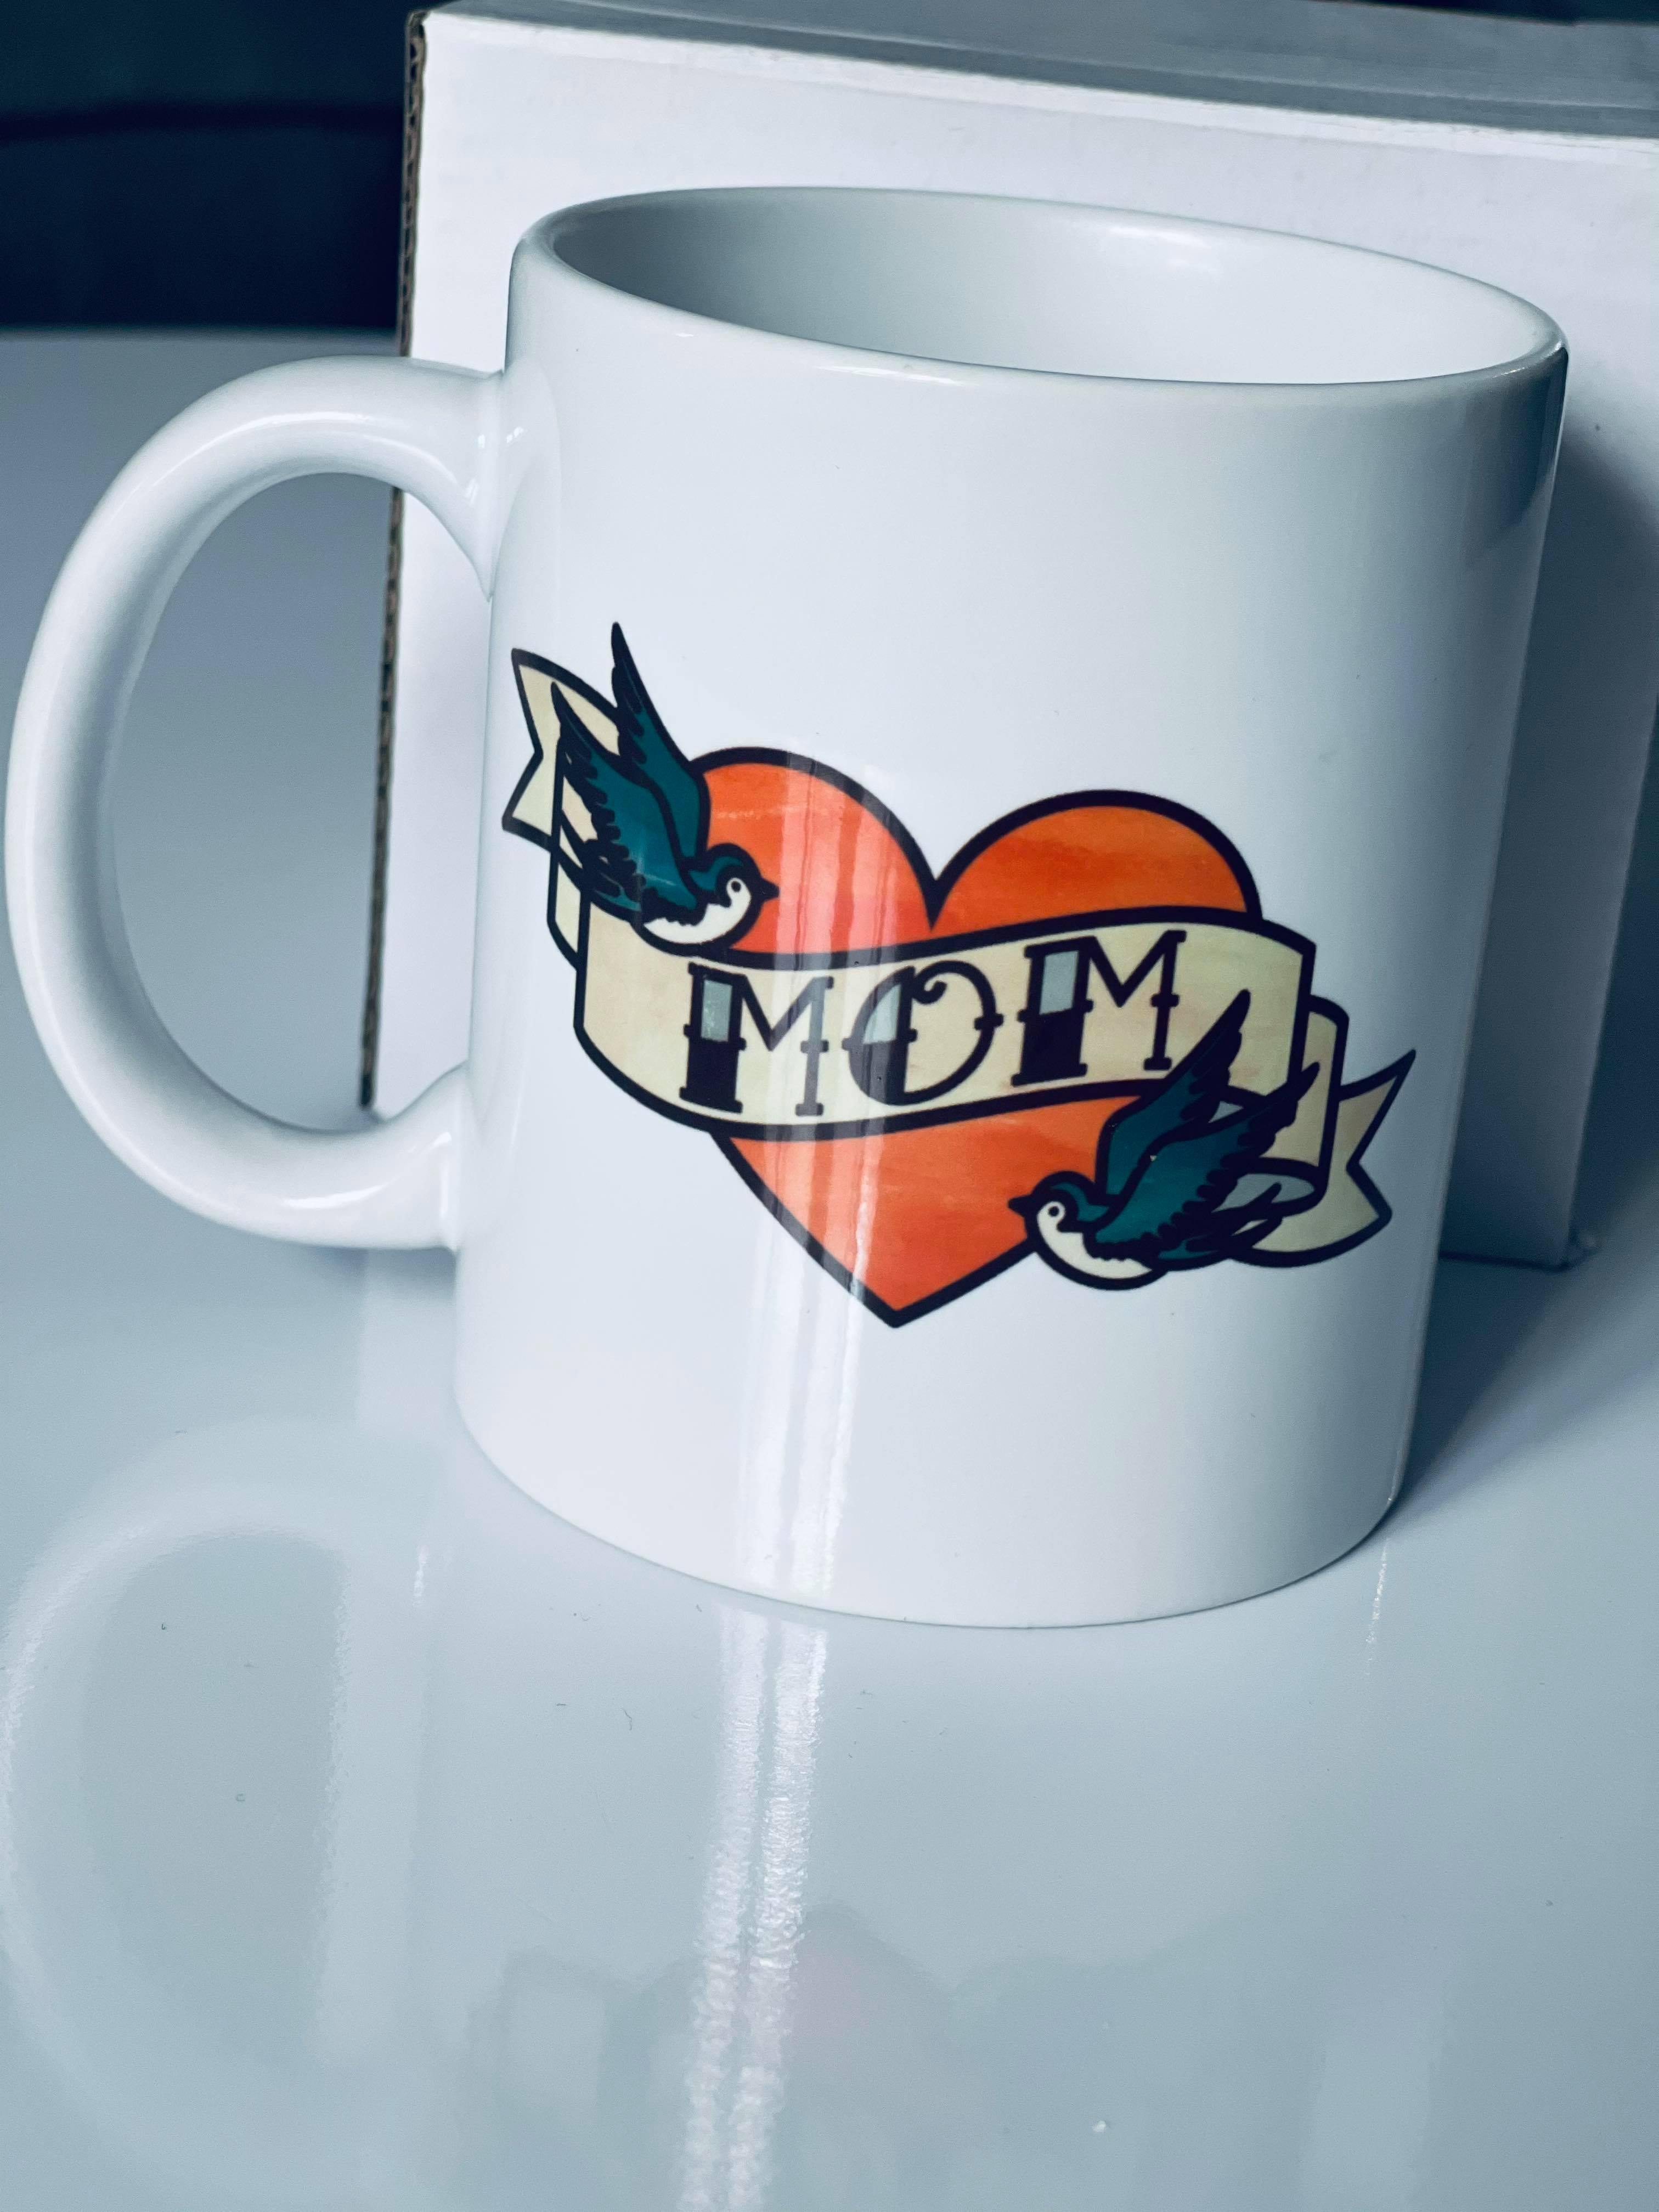 Mum Mug.jpg